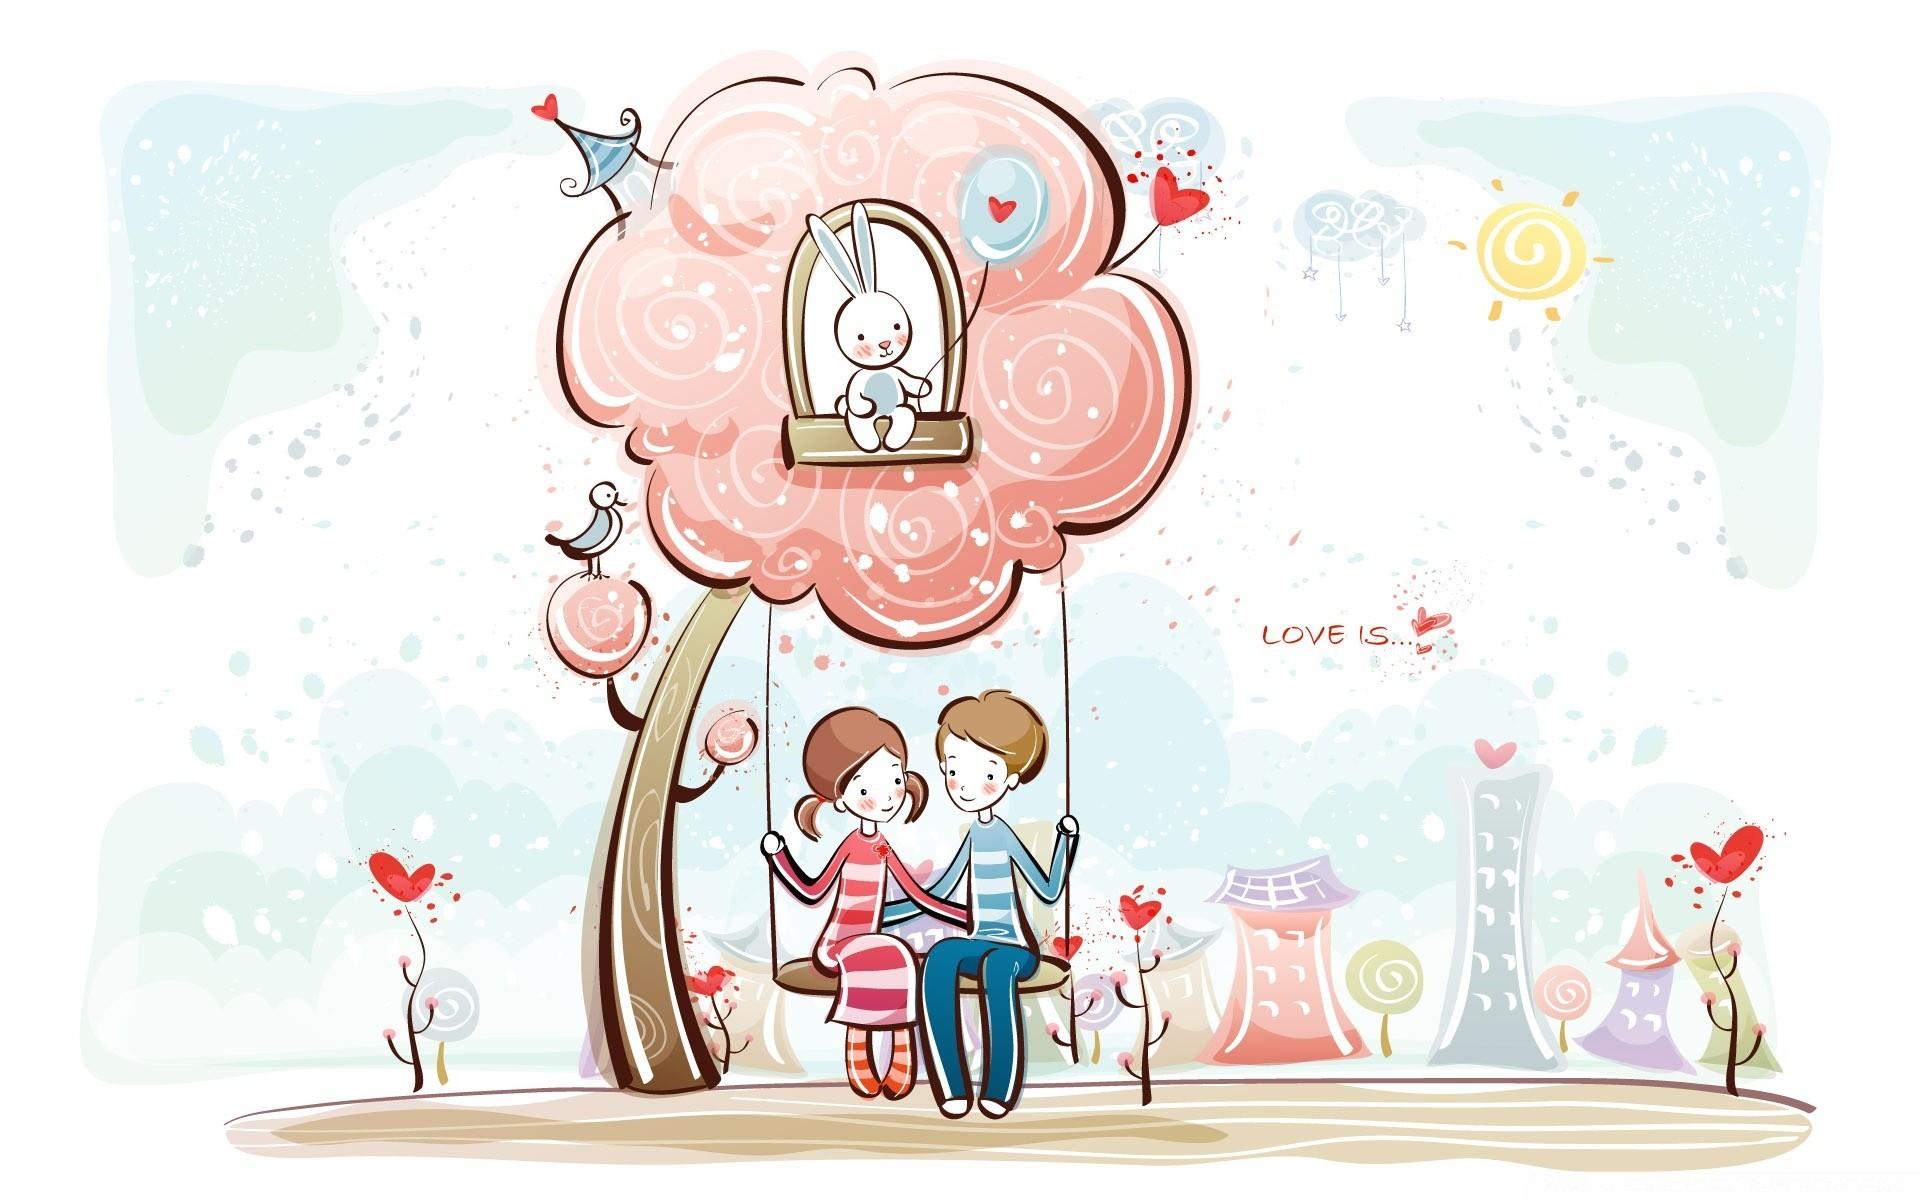 День святого валентина картинки для детей, костюмы